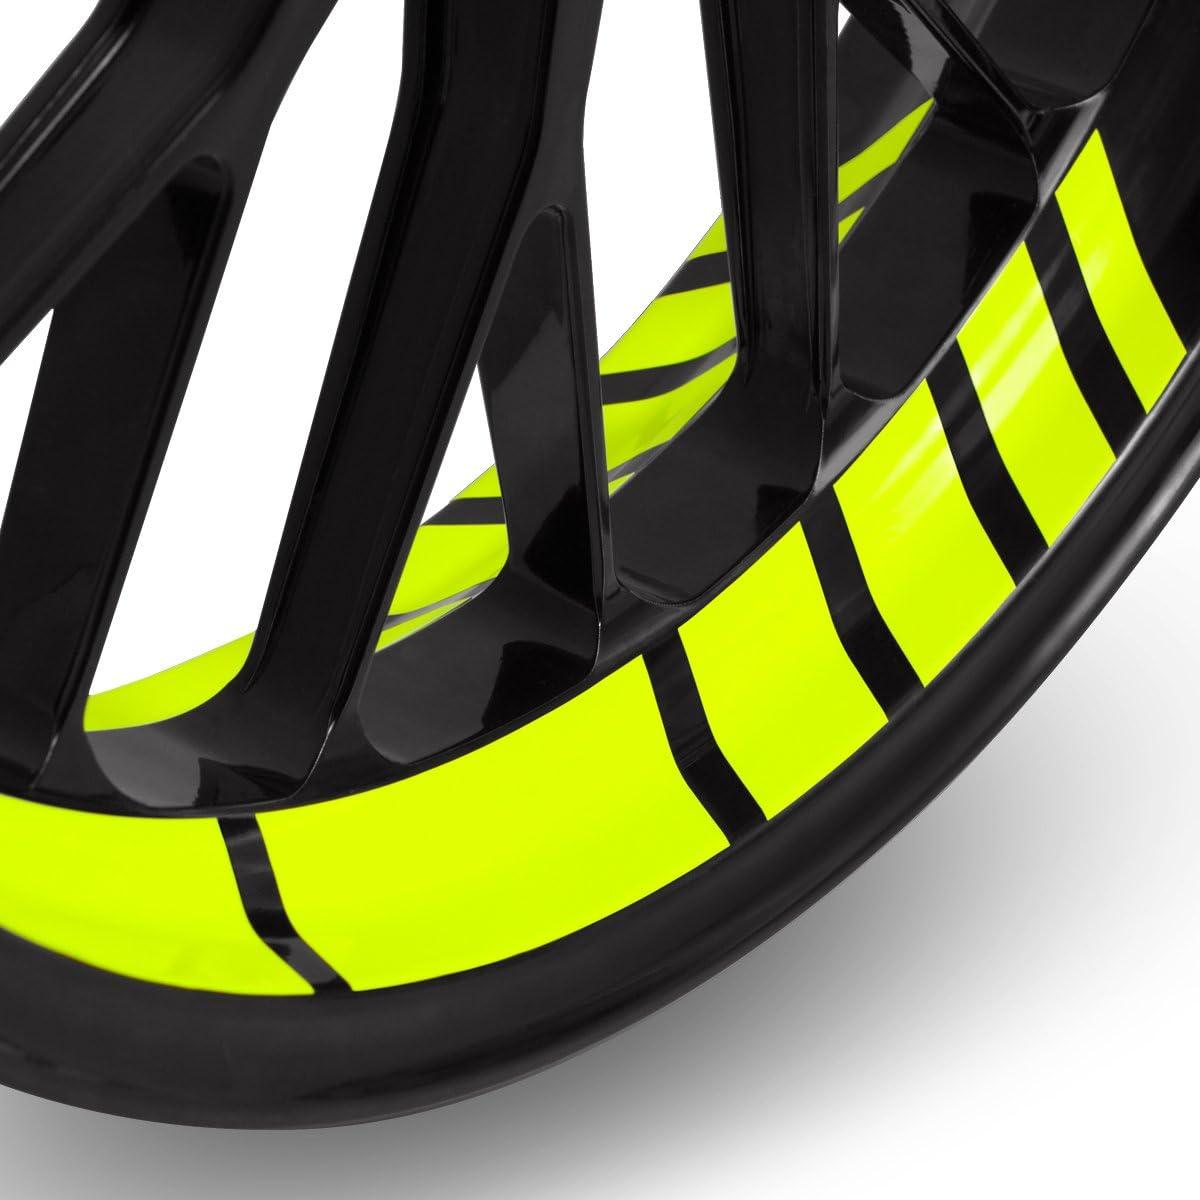 Motoking Felgenbettaufkleber Im Gp Design Komplettset Für 16 Bis 19 Farbe Breite Wählbar Sport Freizeit